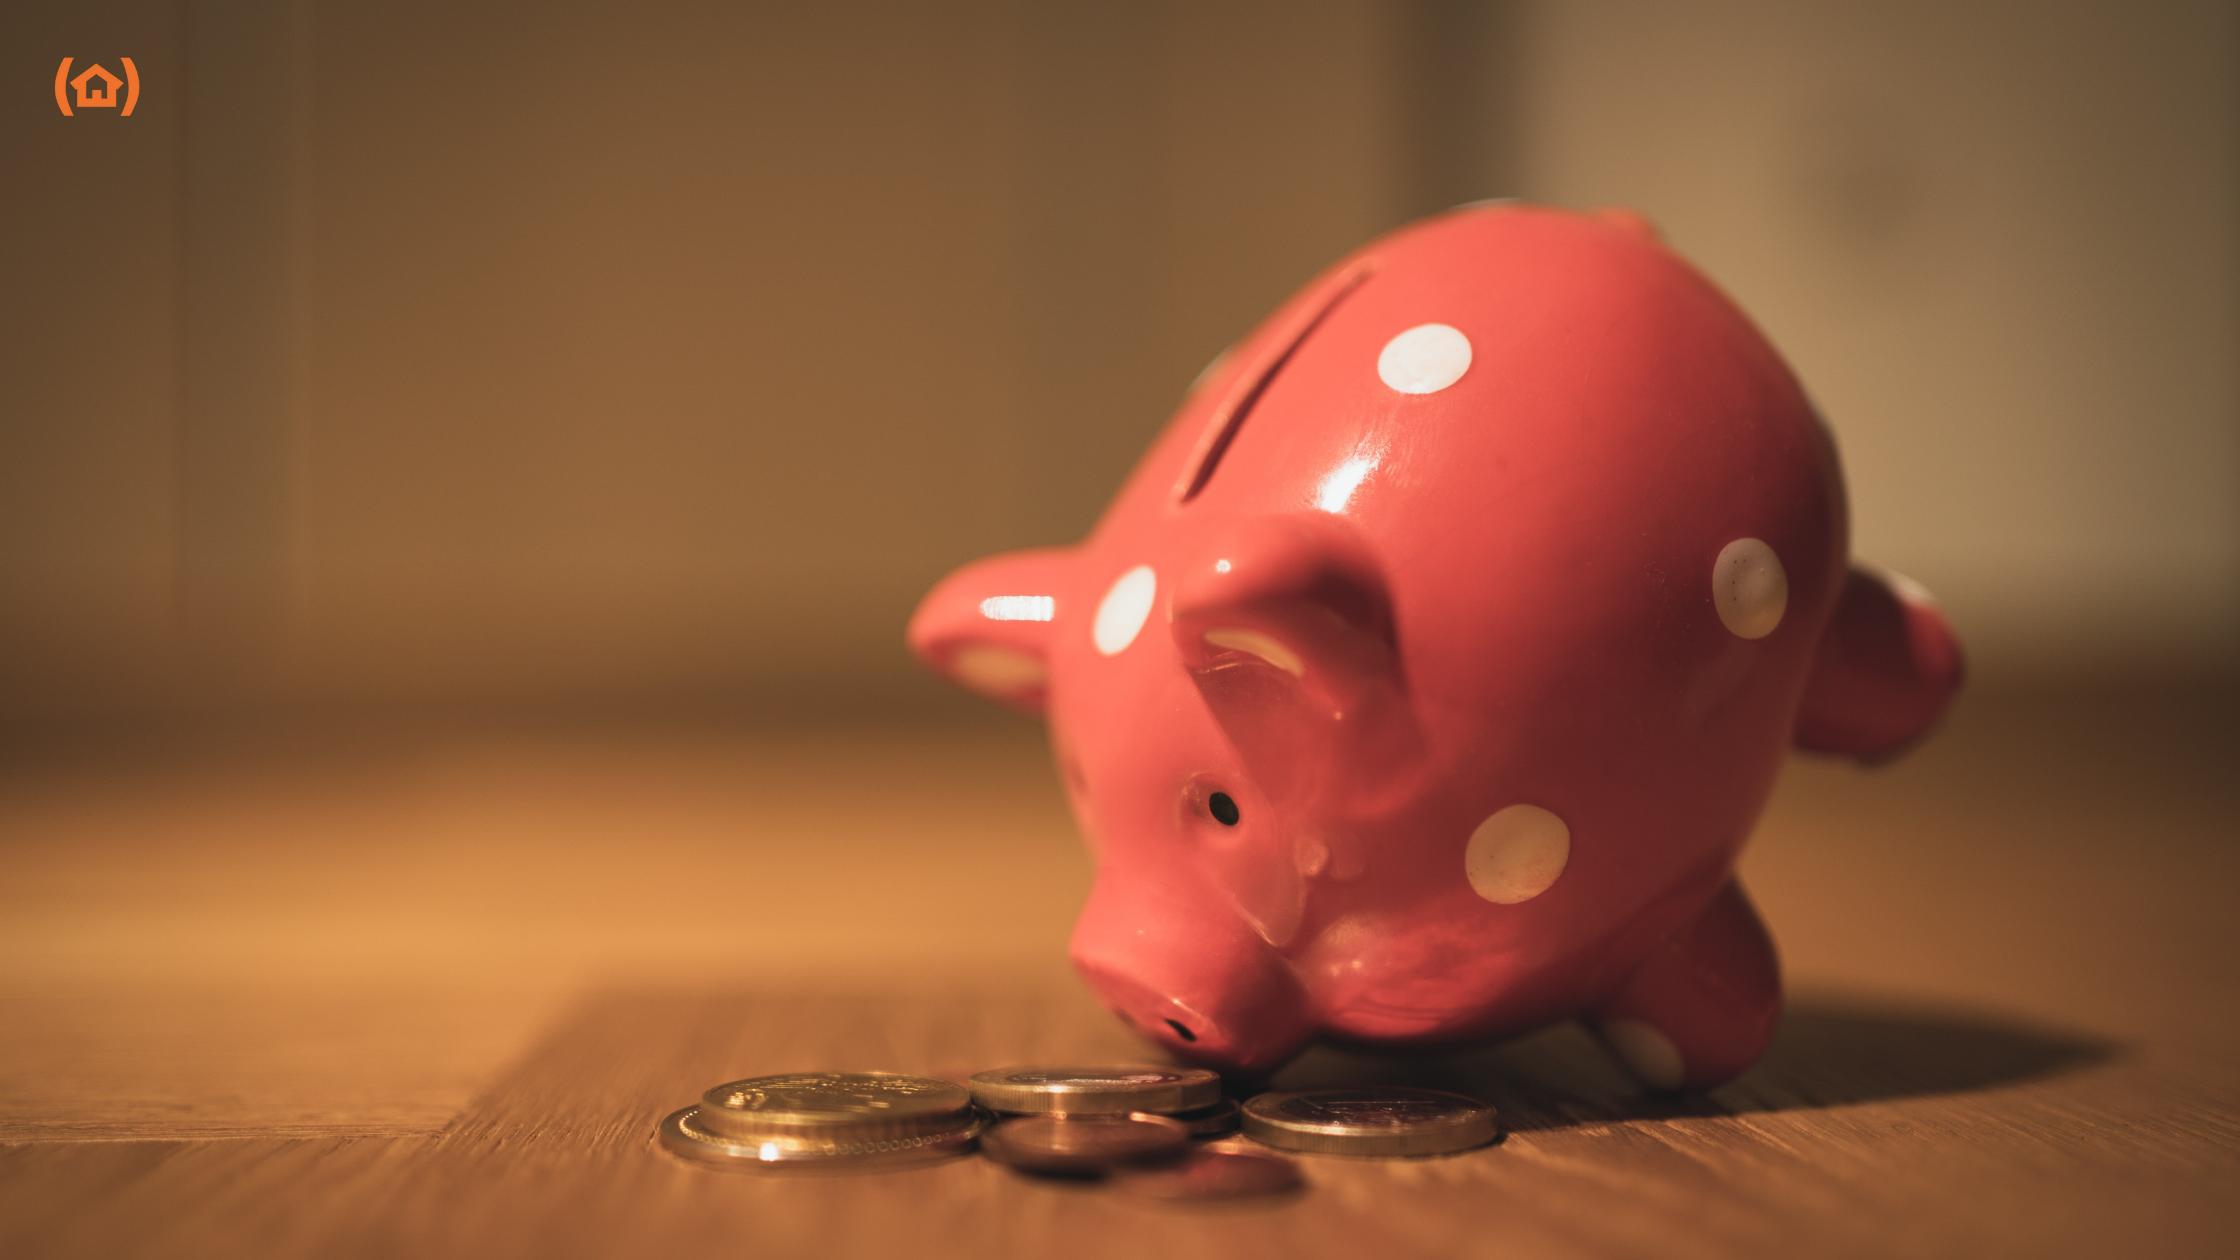 Muchas personas mayores disponen de una pensión de jubilación muy escasa para hacer frente a los gastos cotidianos. Descubre algunos trucos para intentar estirarla.